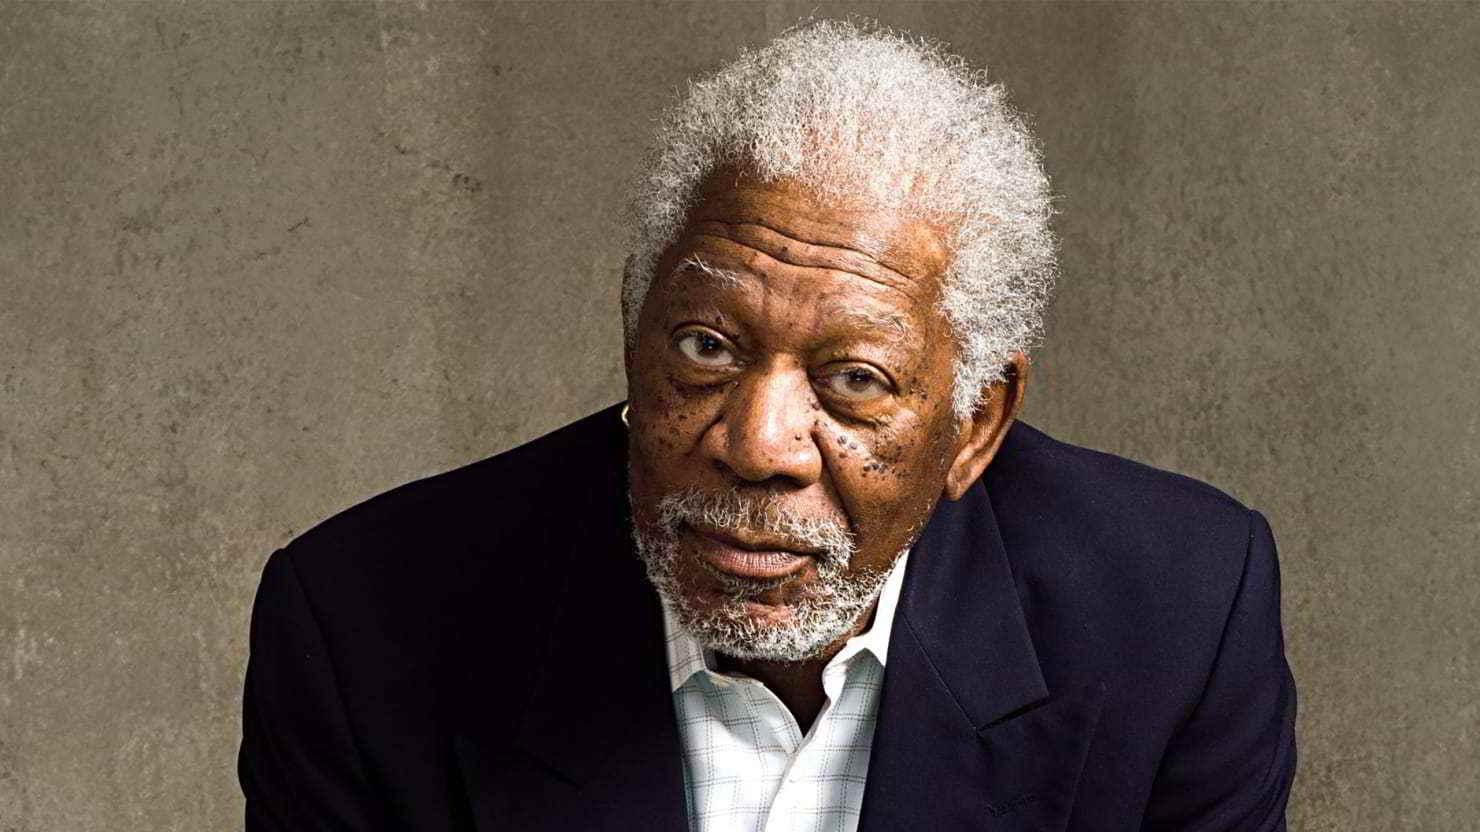 I migliori film con Morgan Freeman